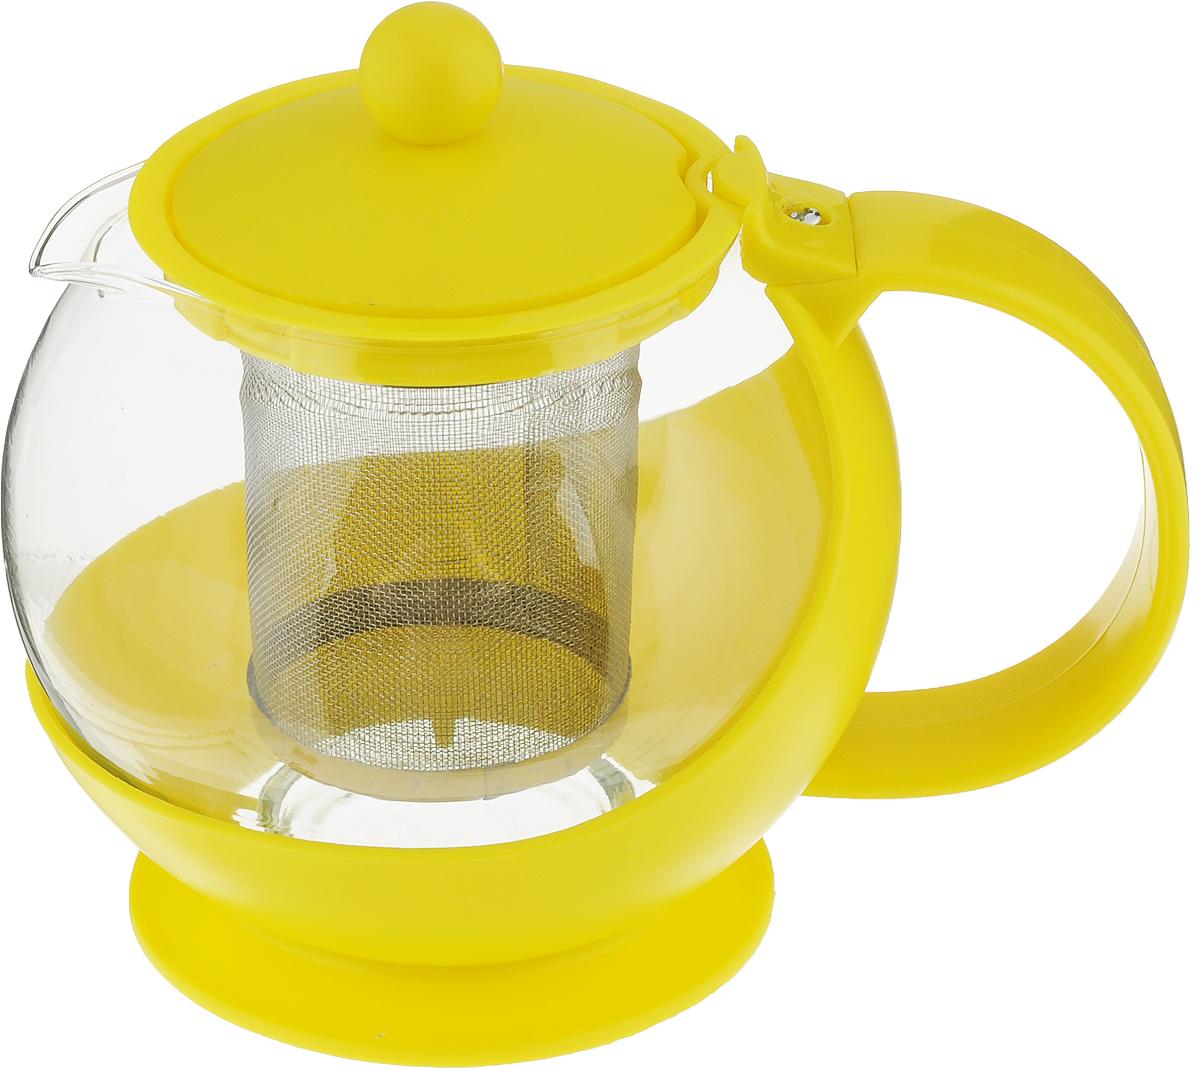 Чайник заварочный МФК-профит, с фильтром, цвет: желтый, 700 мл8070-1_желтыйЗаварочный чайник МФК-профит предоставит вам все необходимые возможности для успешного заваривания чая. Он изготовлен из термостойкого стекла и оснащен крышкой и ручкой из пластика, также имеется вставка из нержавеющей стали. Чай в таком чайнике дольше остается горячим, а полезные и ароматические вещества полностью сохраняются в напитке. Чайник оснащен фильтром, который выполнен из металла. Простой и удобный чайник поможет вам приготовить крепкий, ароматный чай. Нельзя мыть в посудомоечной машине. Не использовать в микроволновой печи, духовке и на открытом огне.